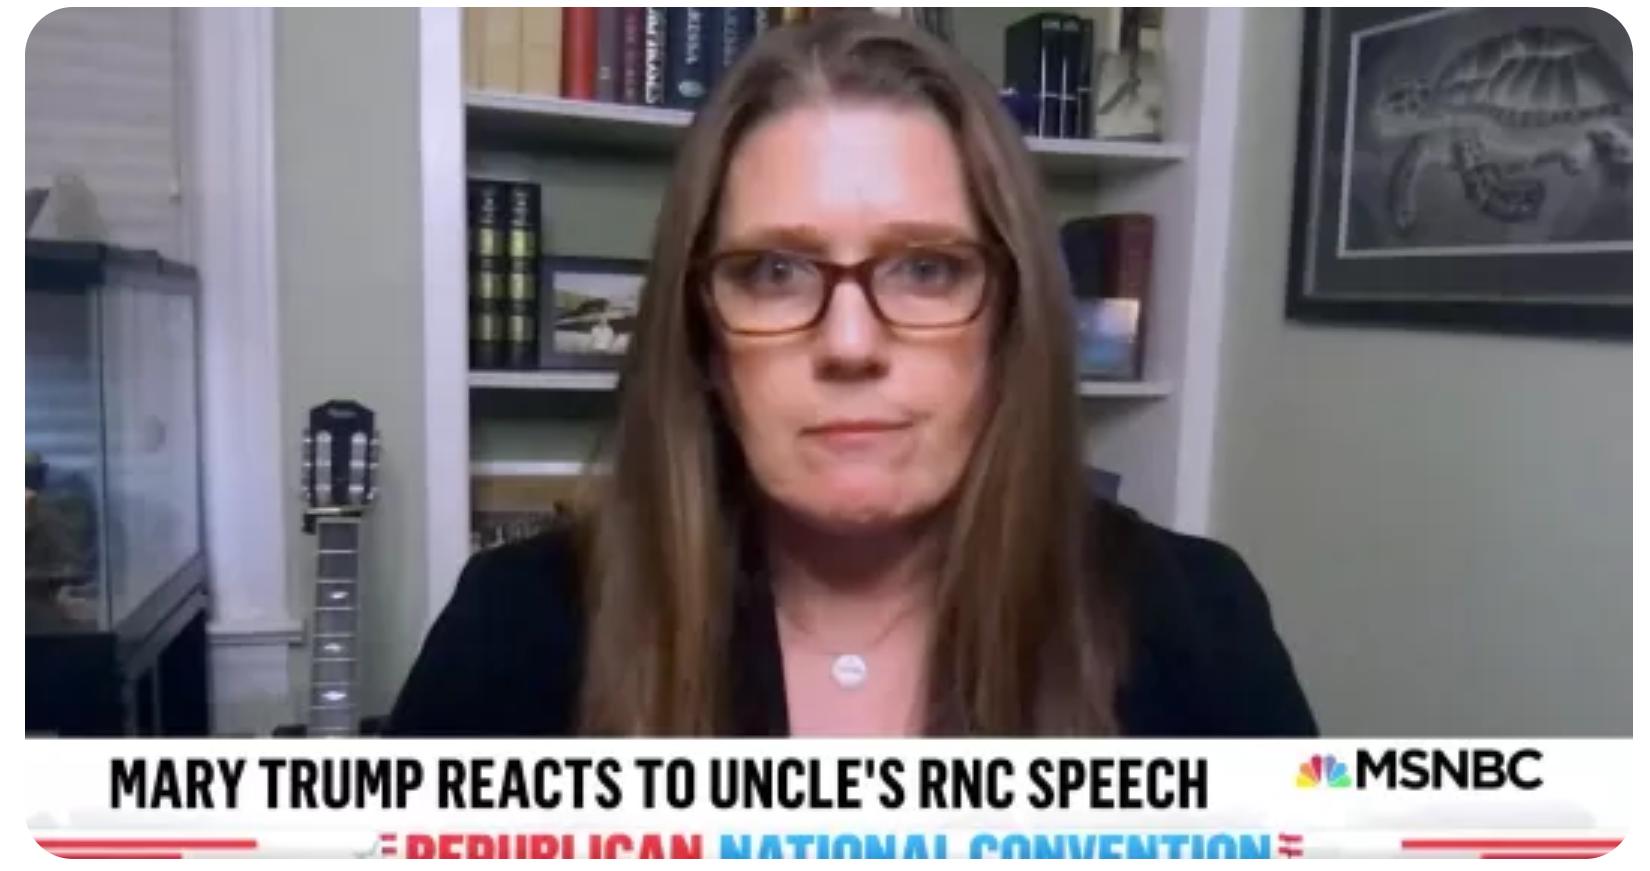 Mary Trump tiết lộ người chú 'tuyệt vọng' của cô ấy có thể đang cảm thấy như thế nào ngay lúc này